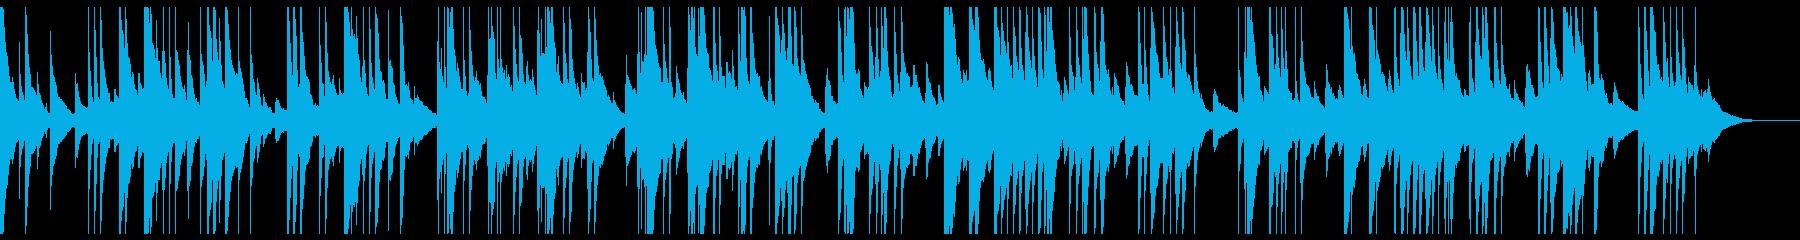 オルゴールで感動的・切ないバラードの再生済みの波形